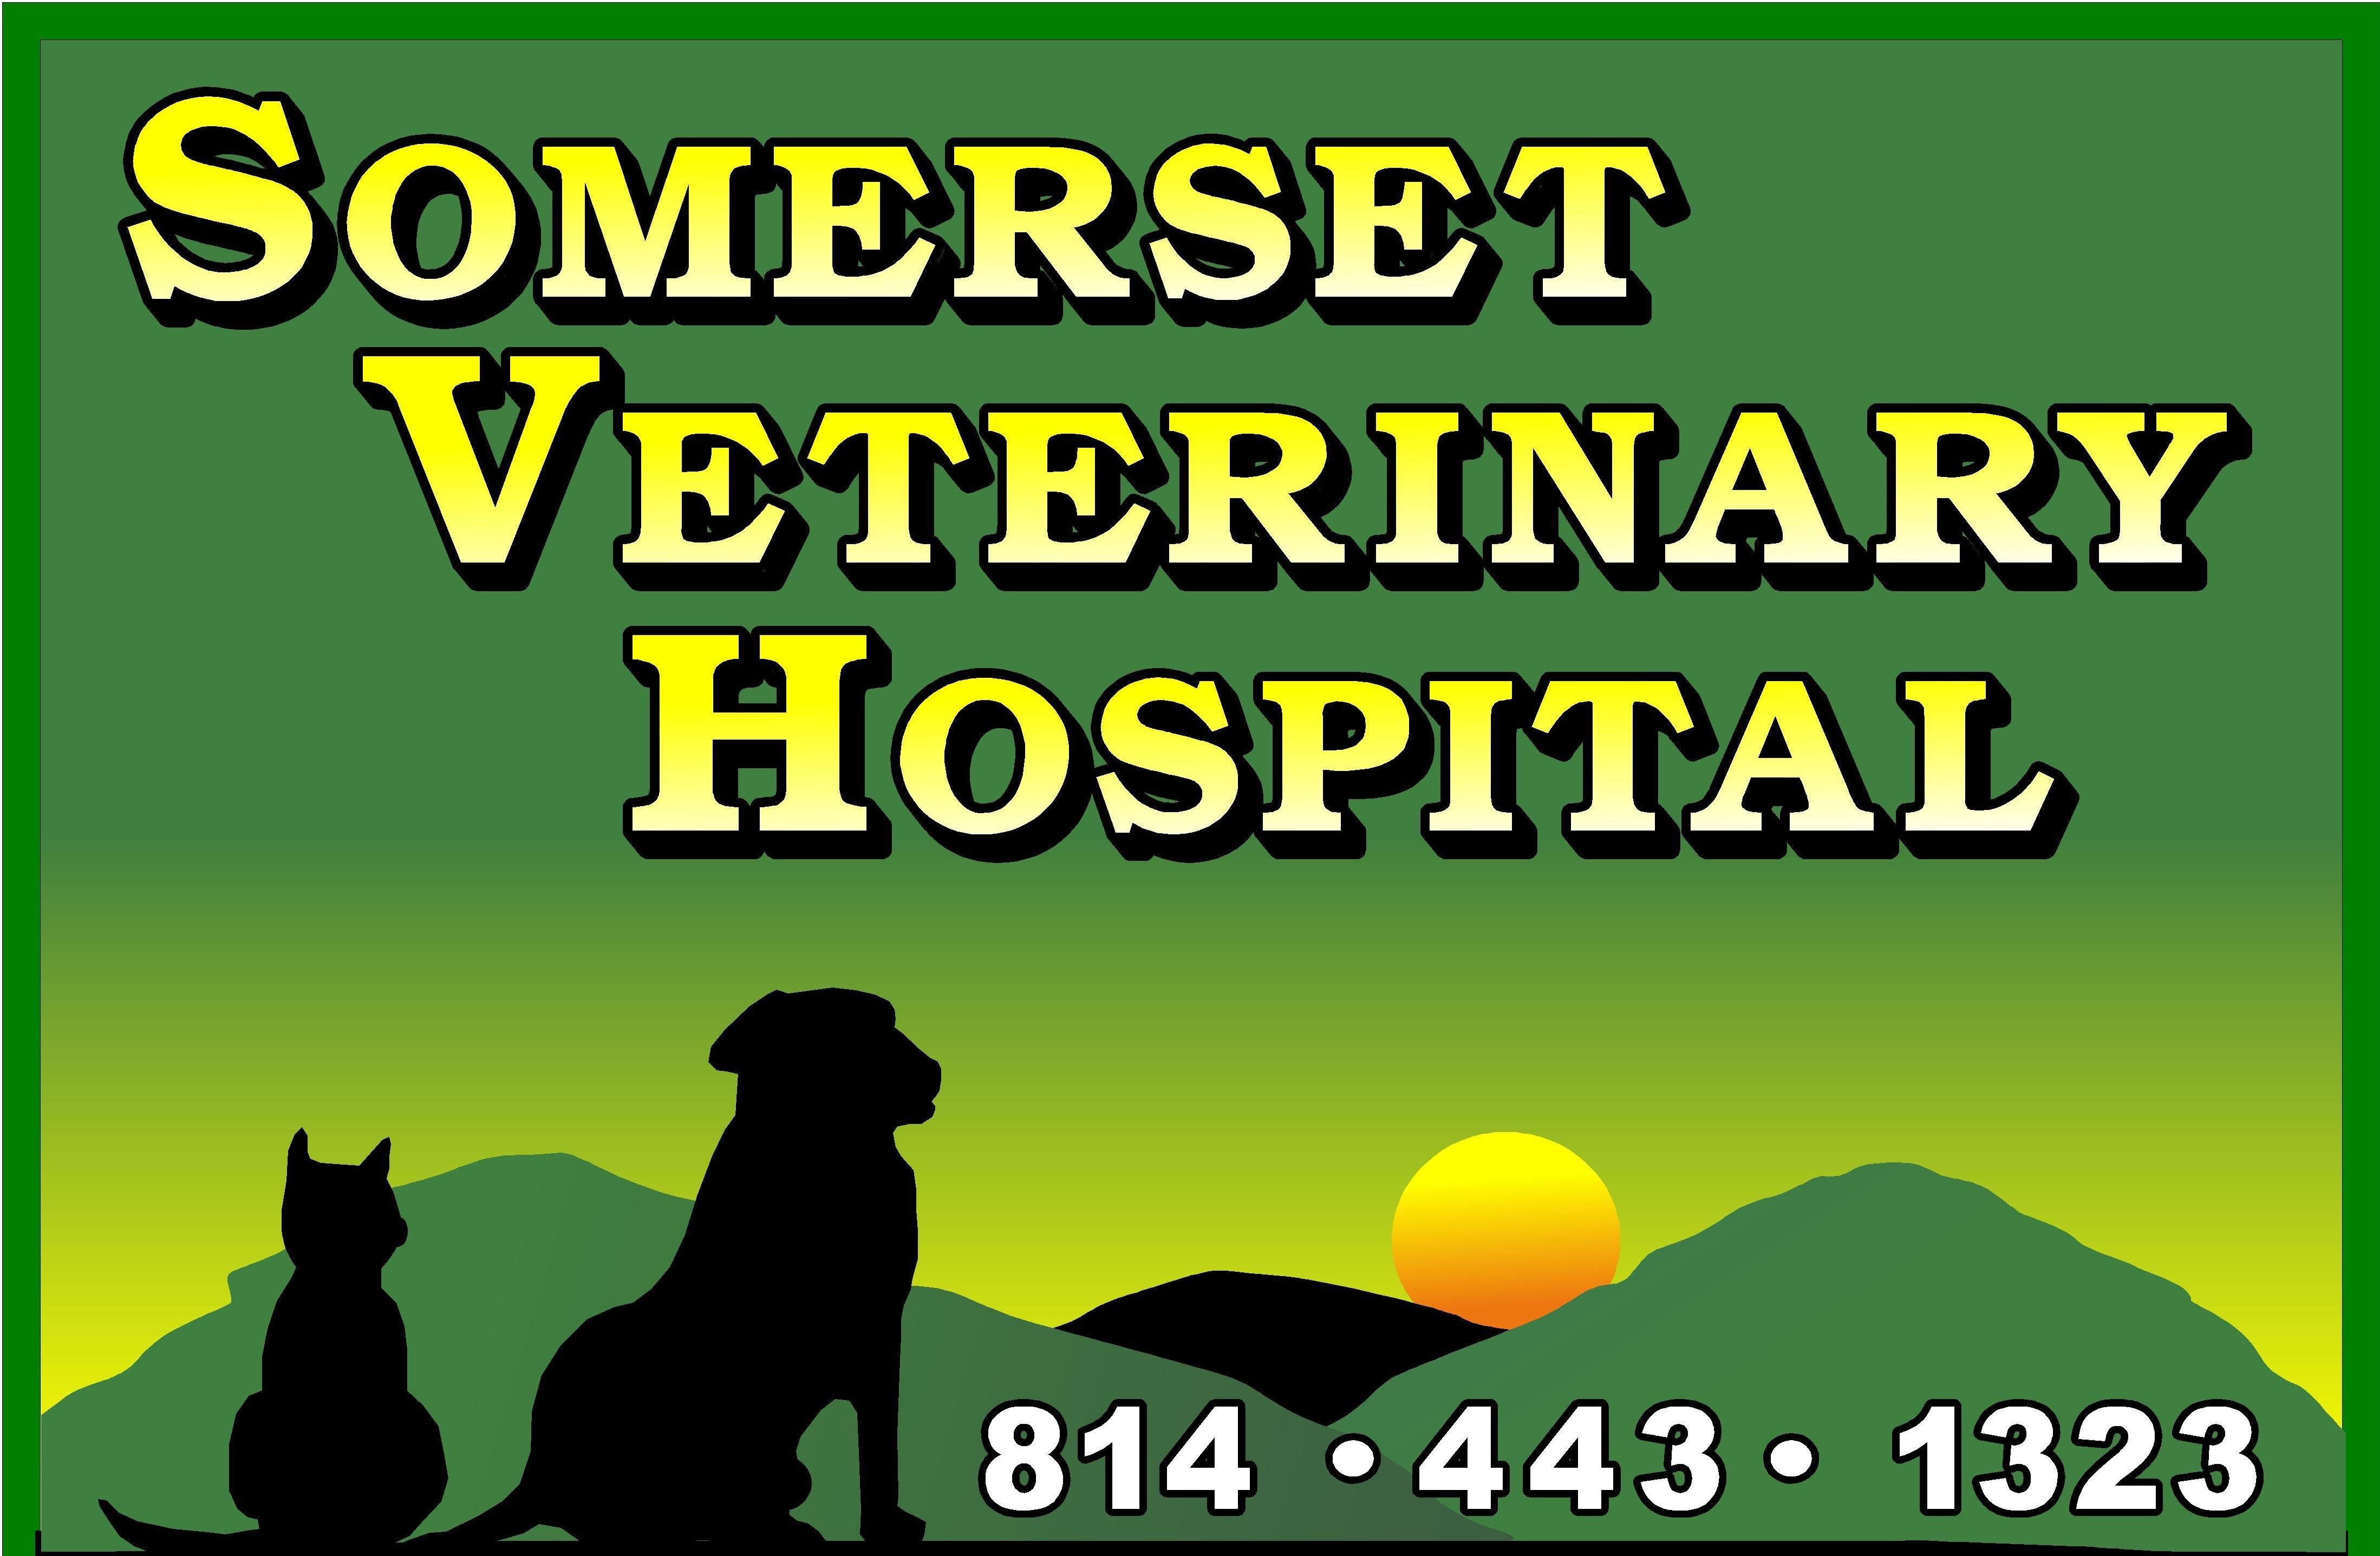 Somerset Veterinary Hospital - Veterinarian in Somerset, PA